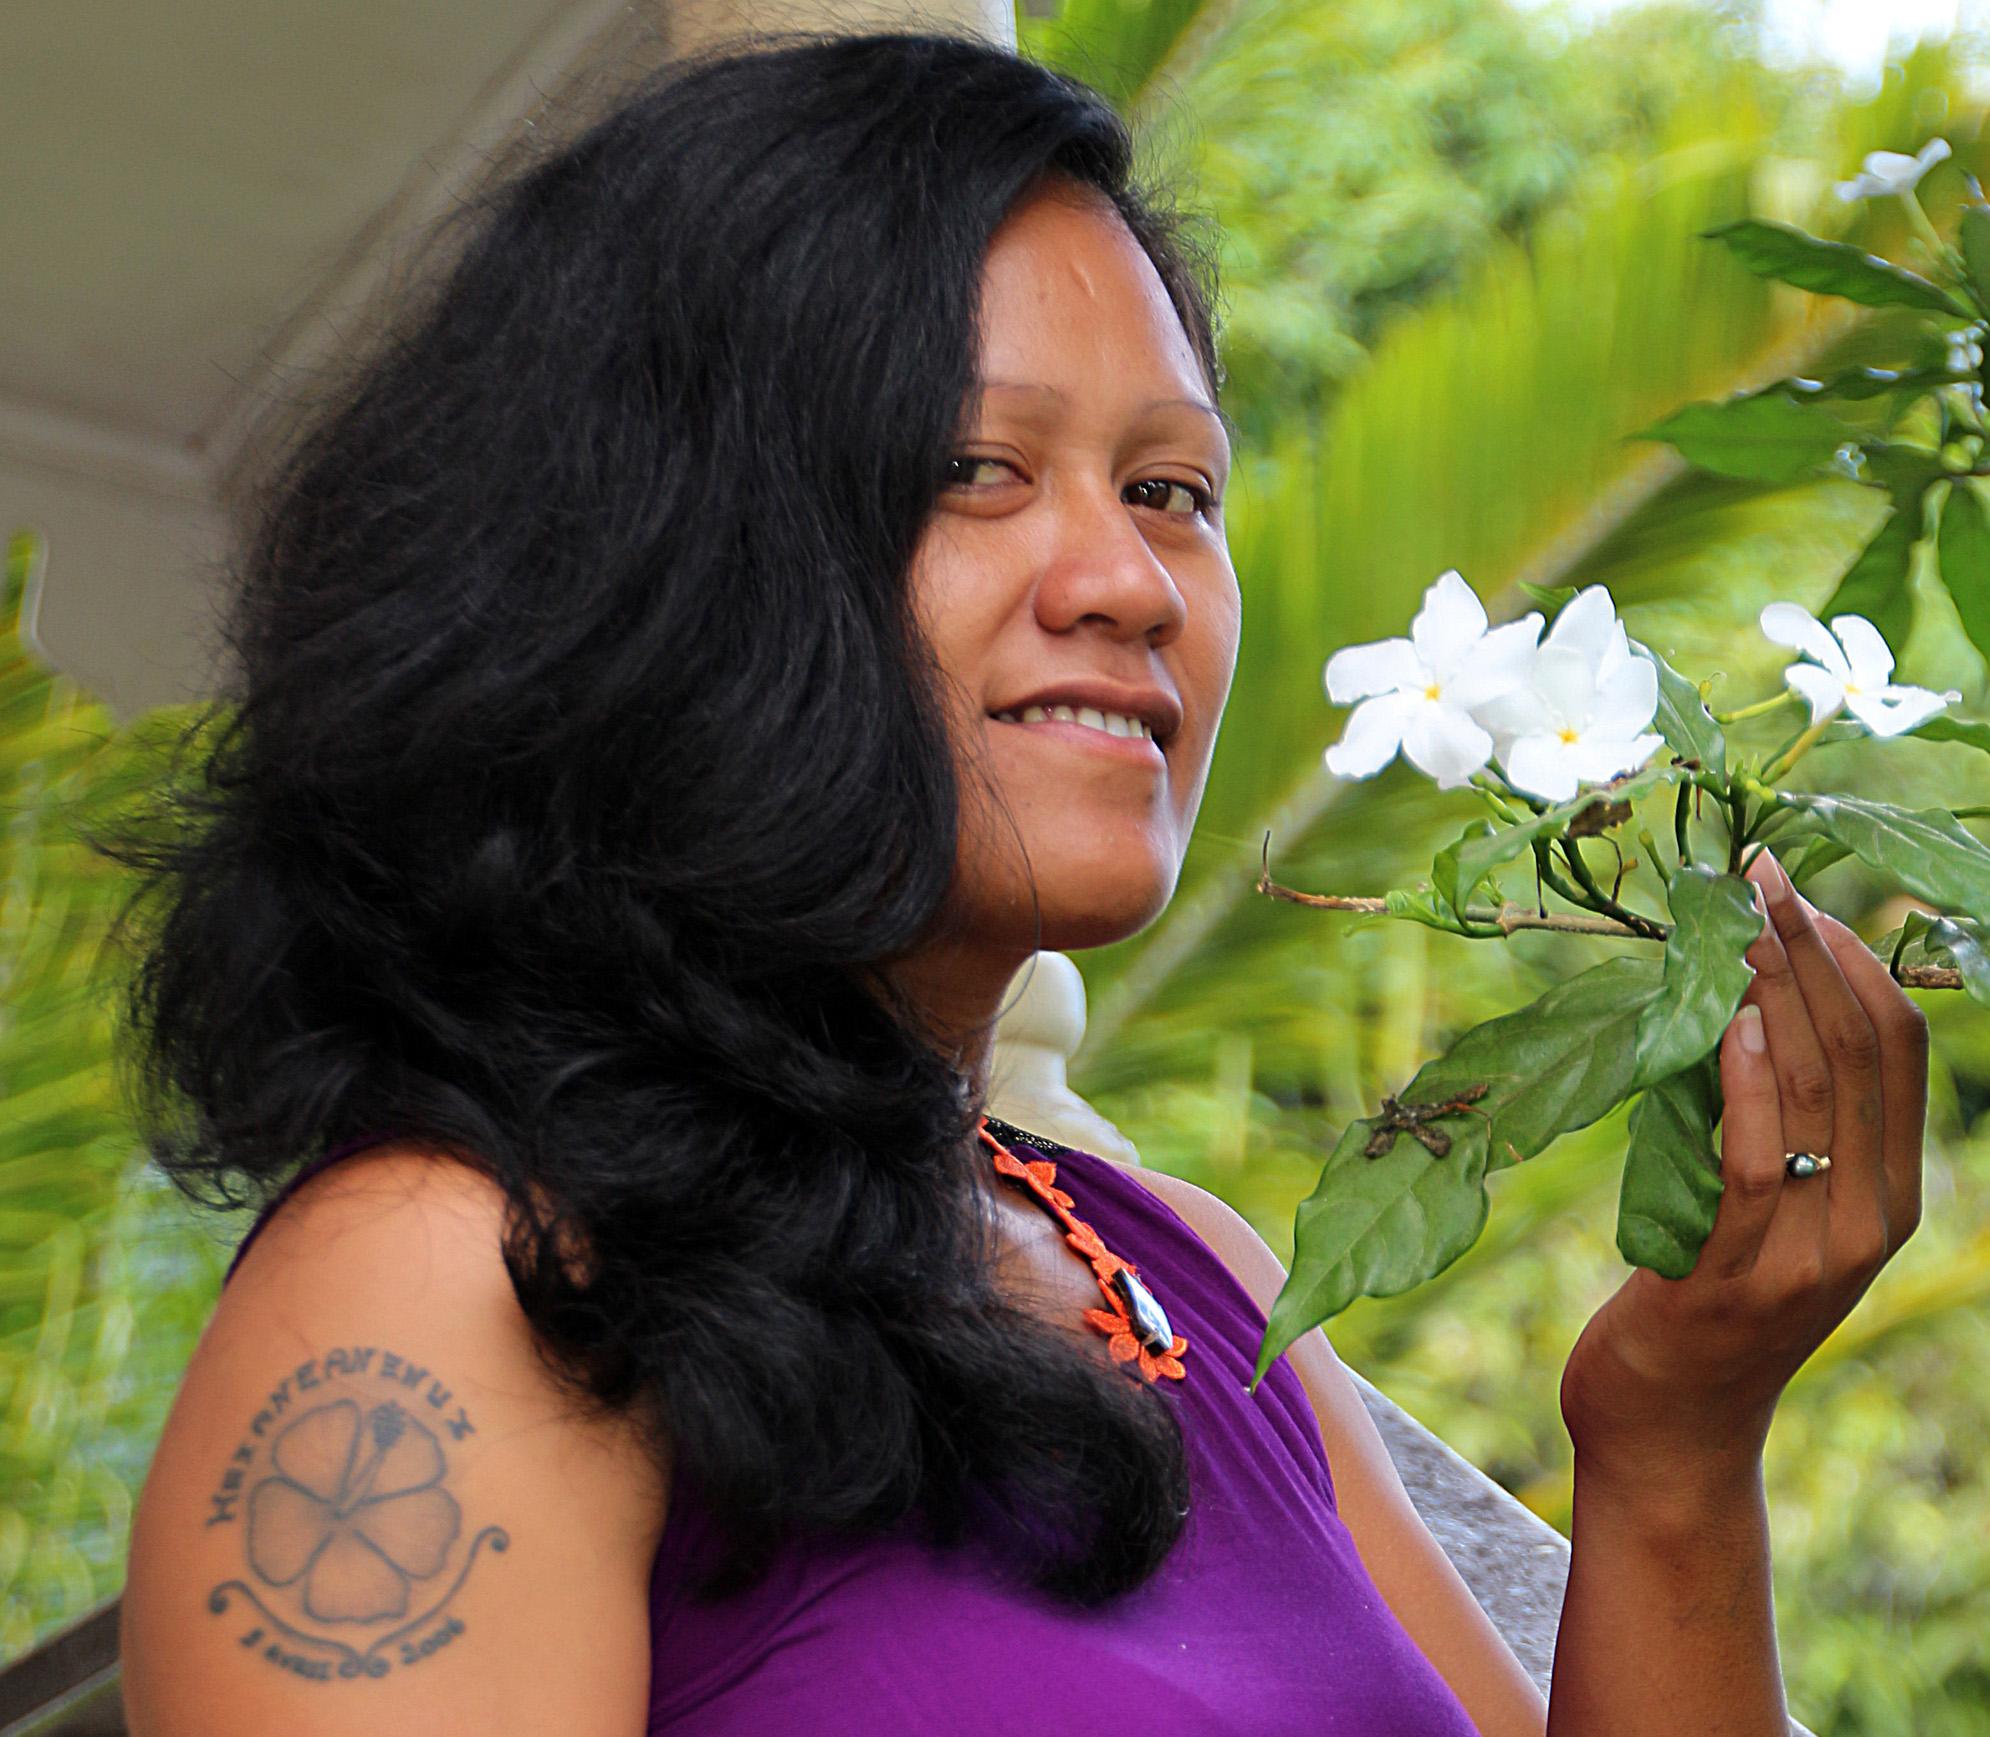 Tevahine Tefafano interprétera une chanson en tahitien dans son prochain single.